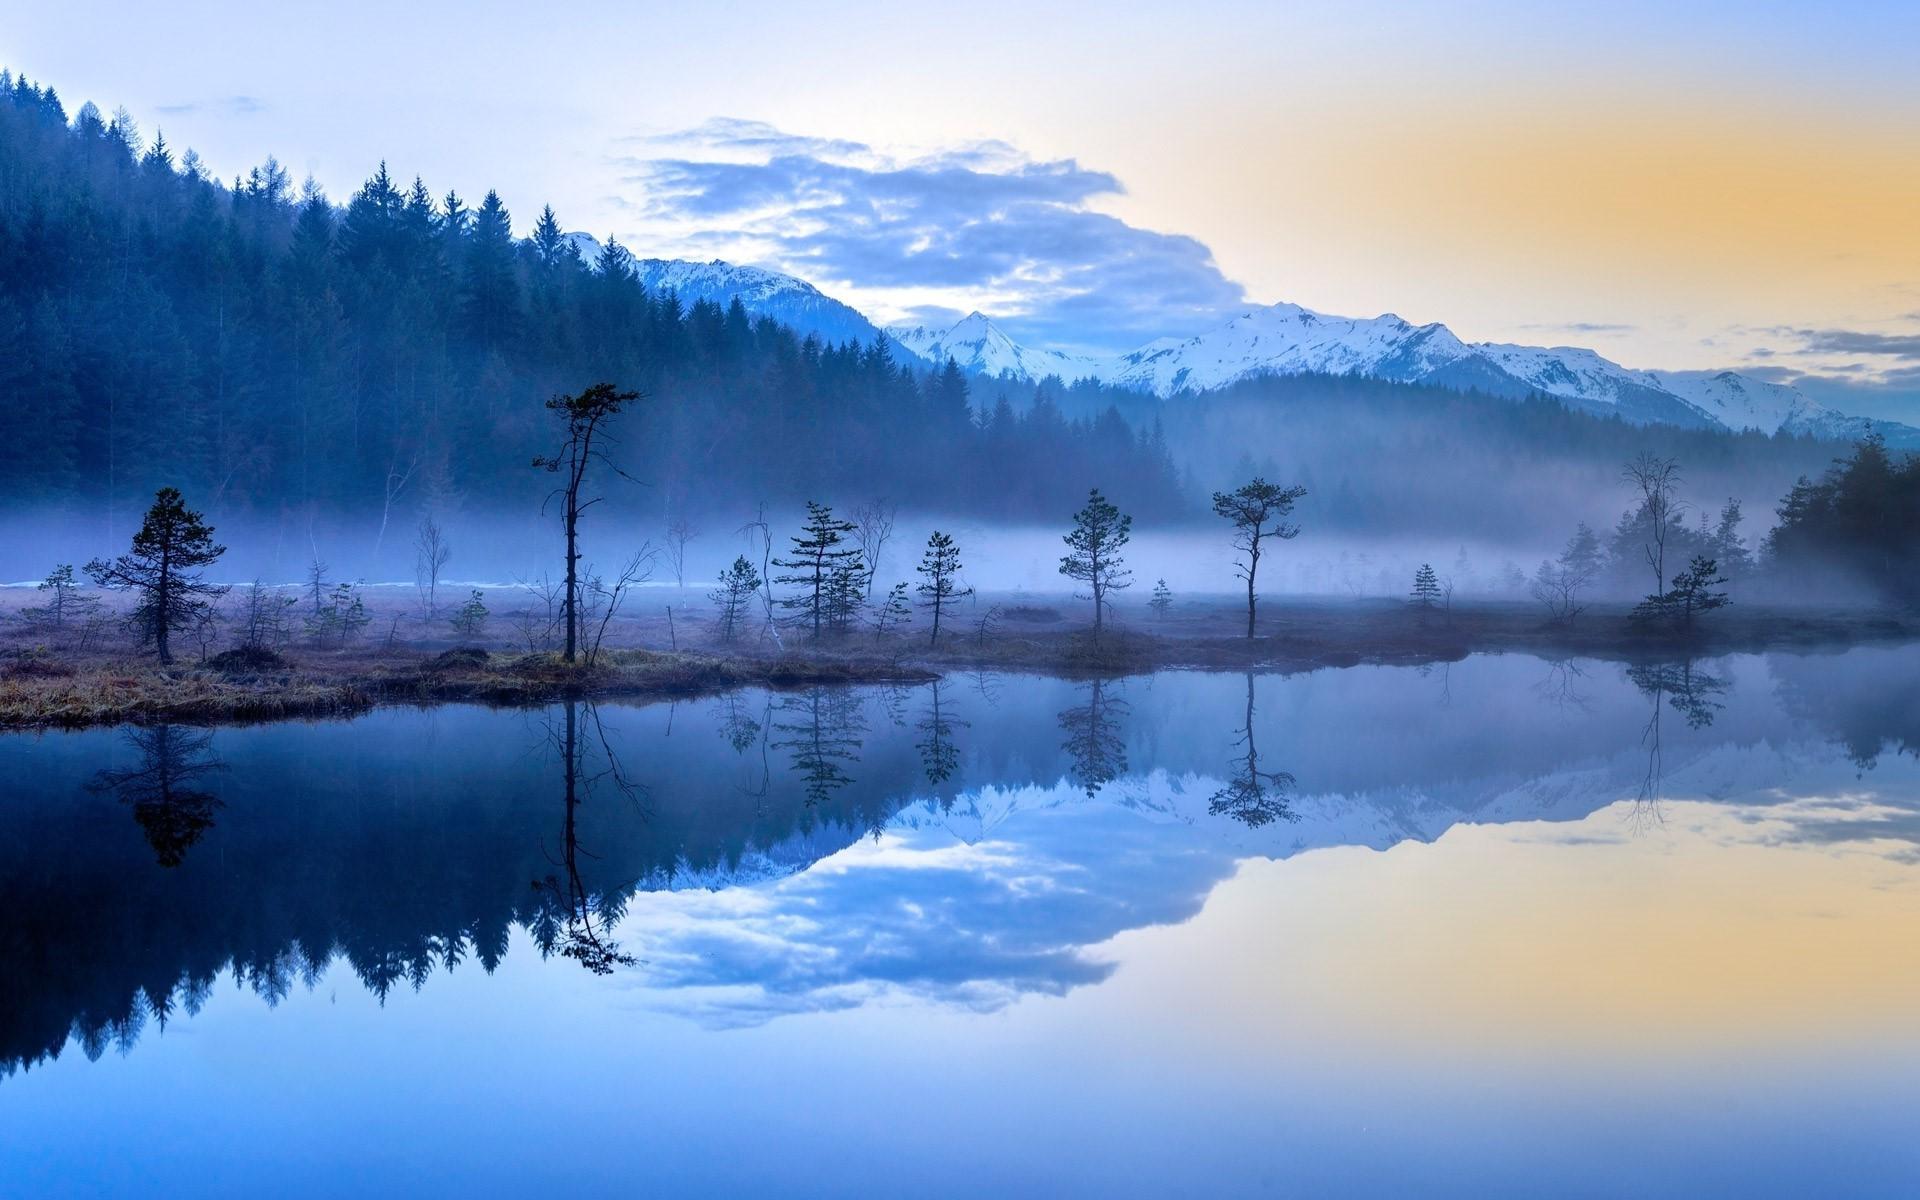 ноября обои туманные пейзажи лавочка для